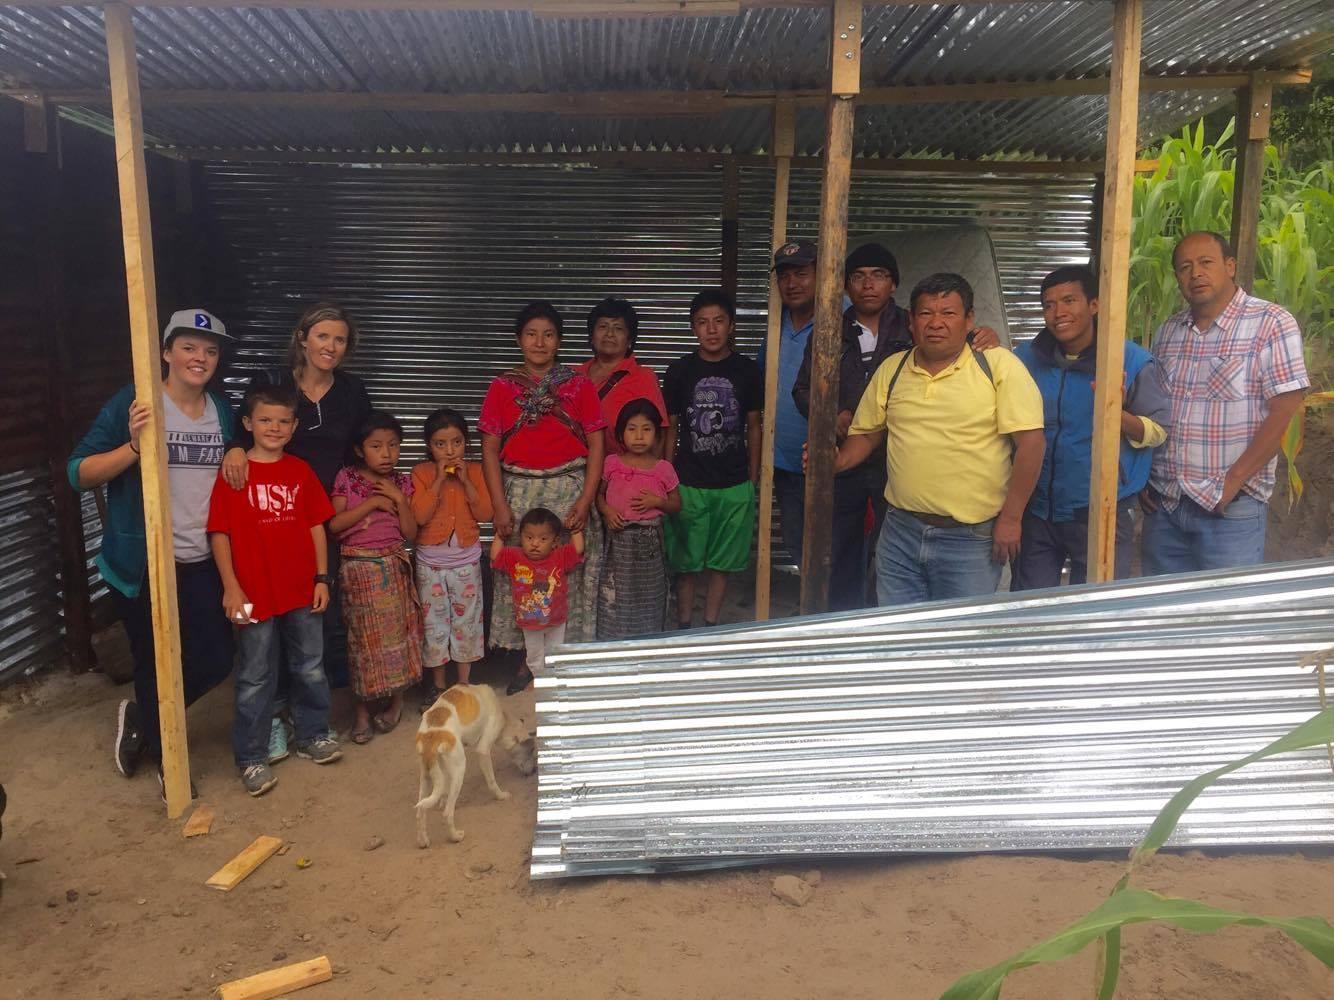 Nutritour-Guatemala-2016-10-Building-Home-for-Family-in-Rakana-Momostenango